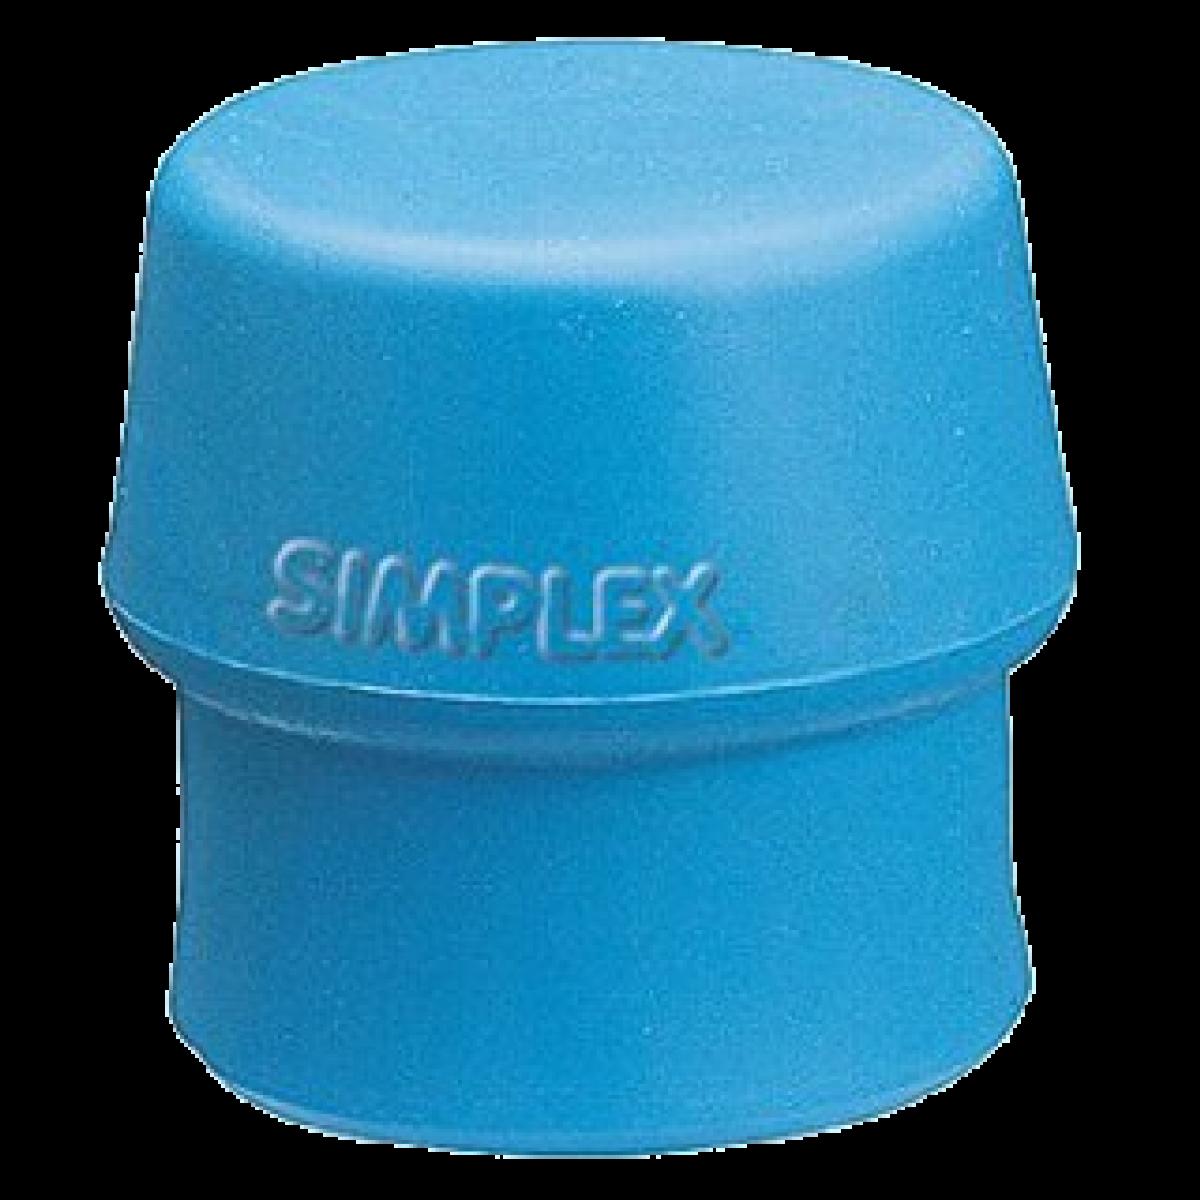 """Schonhammer-Ersatzgummi """"Simplex"""" - 30 mm weich"""